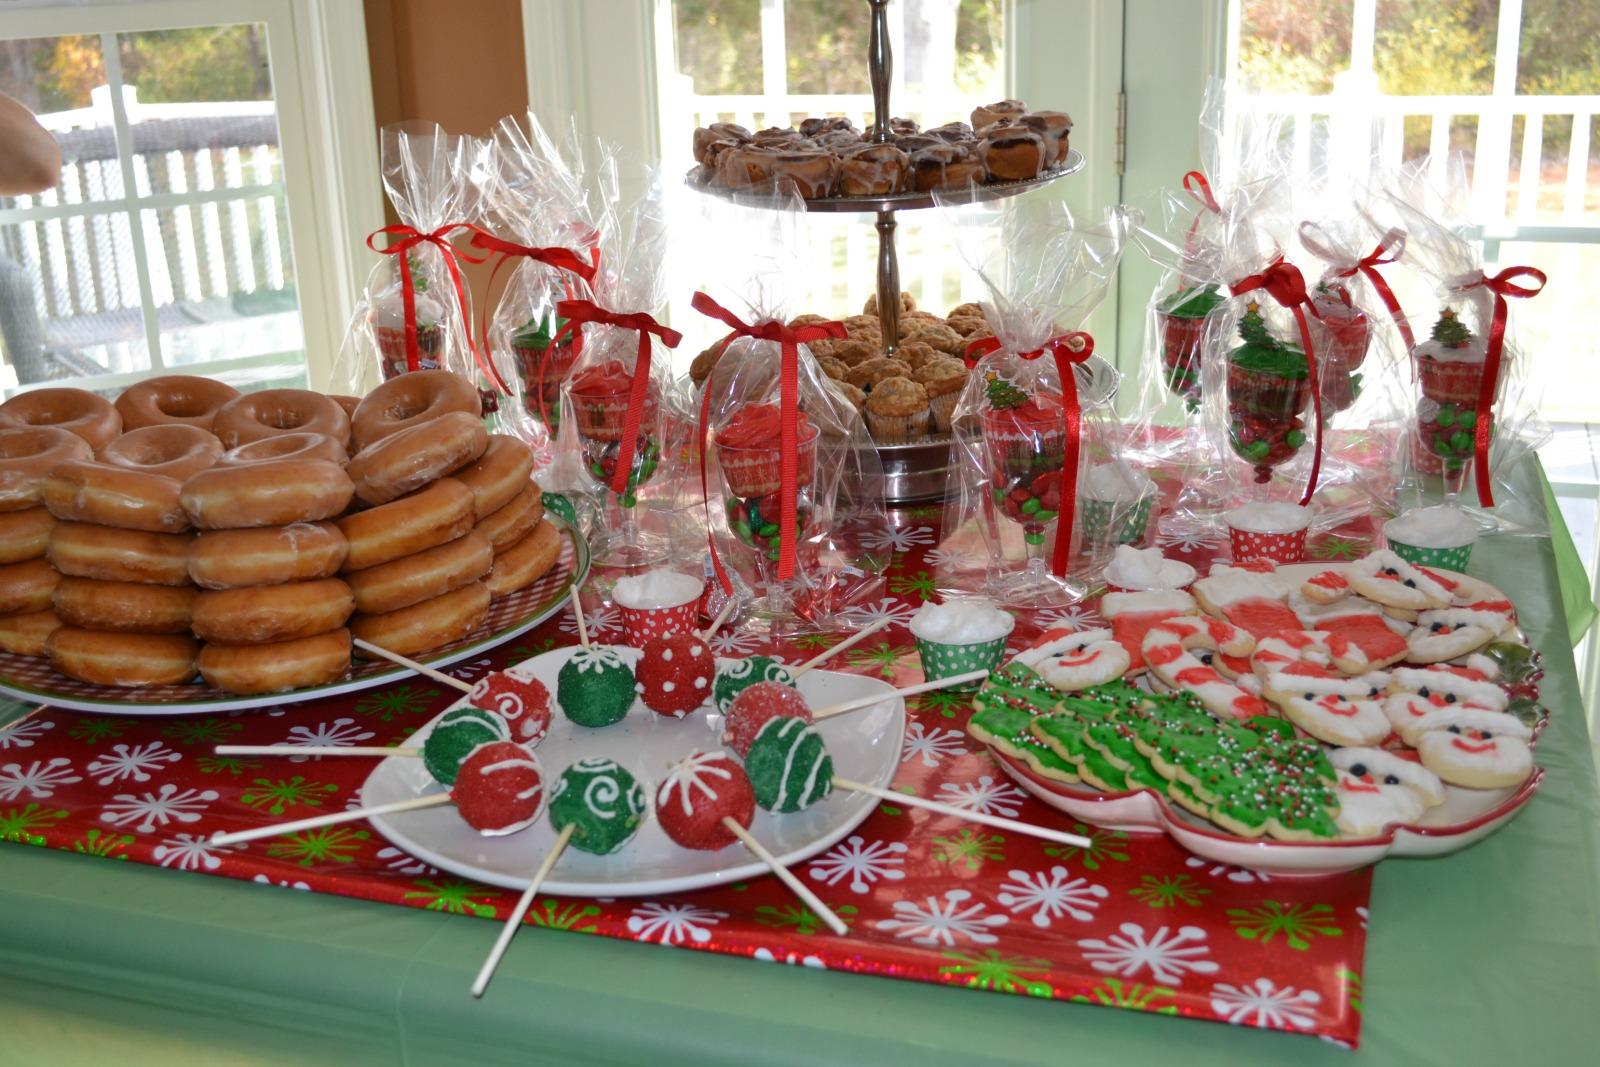 Christmas, Santa Claus, parties